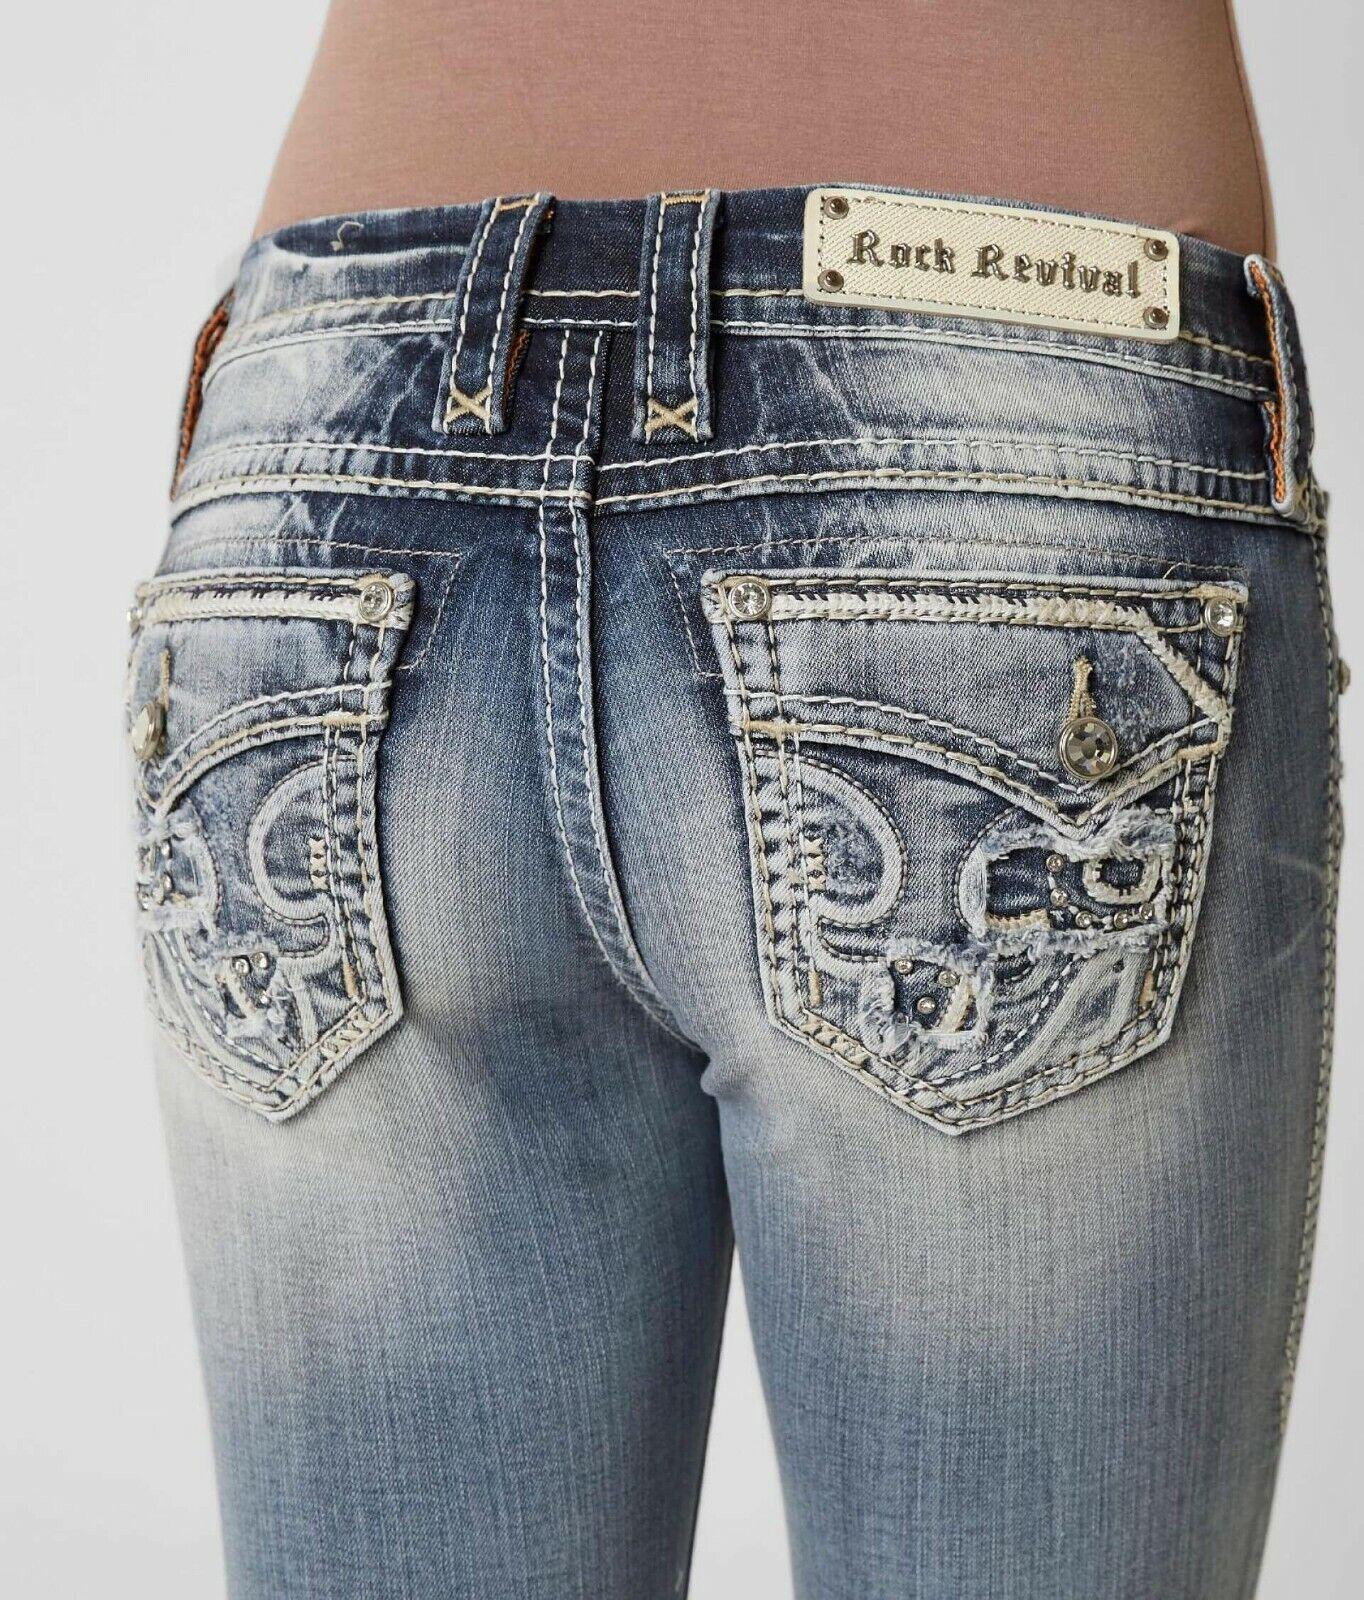 Rock Revival Pour Femme Jeans Mid Rise Stacia Synthétique rabat Skinny 24 x 32 lire douteuse